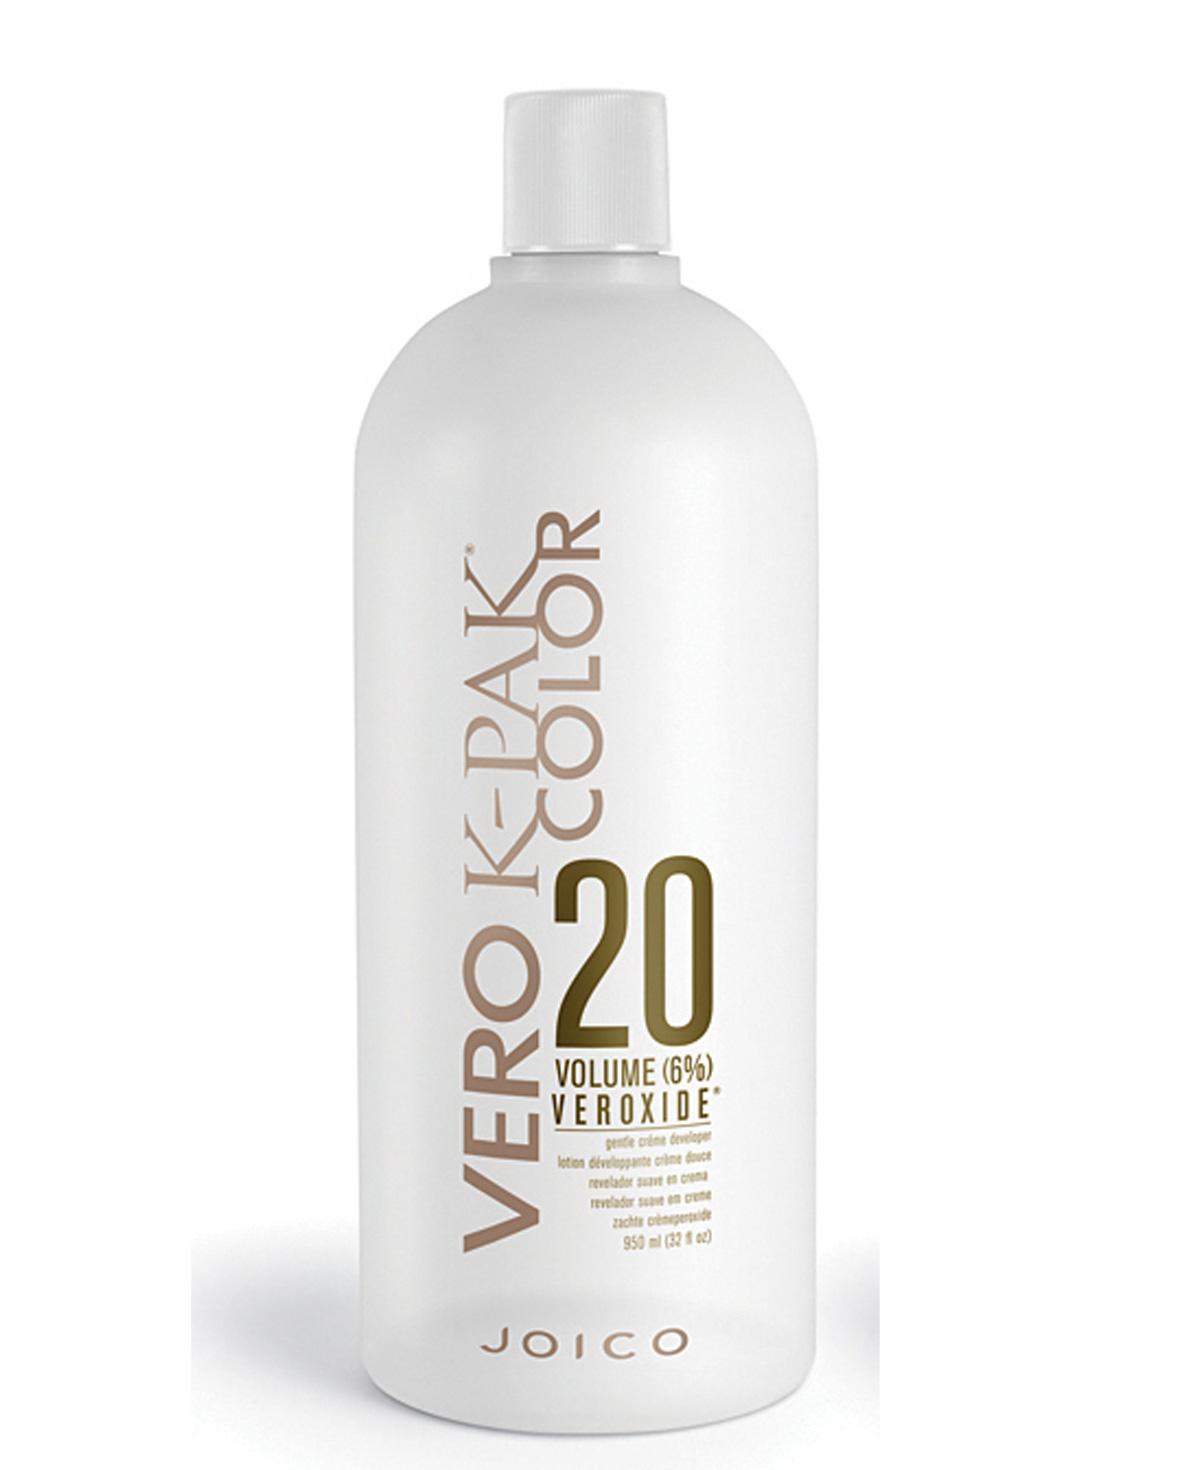 Joico Veroxid 6 % 20 Volumen 950ml